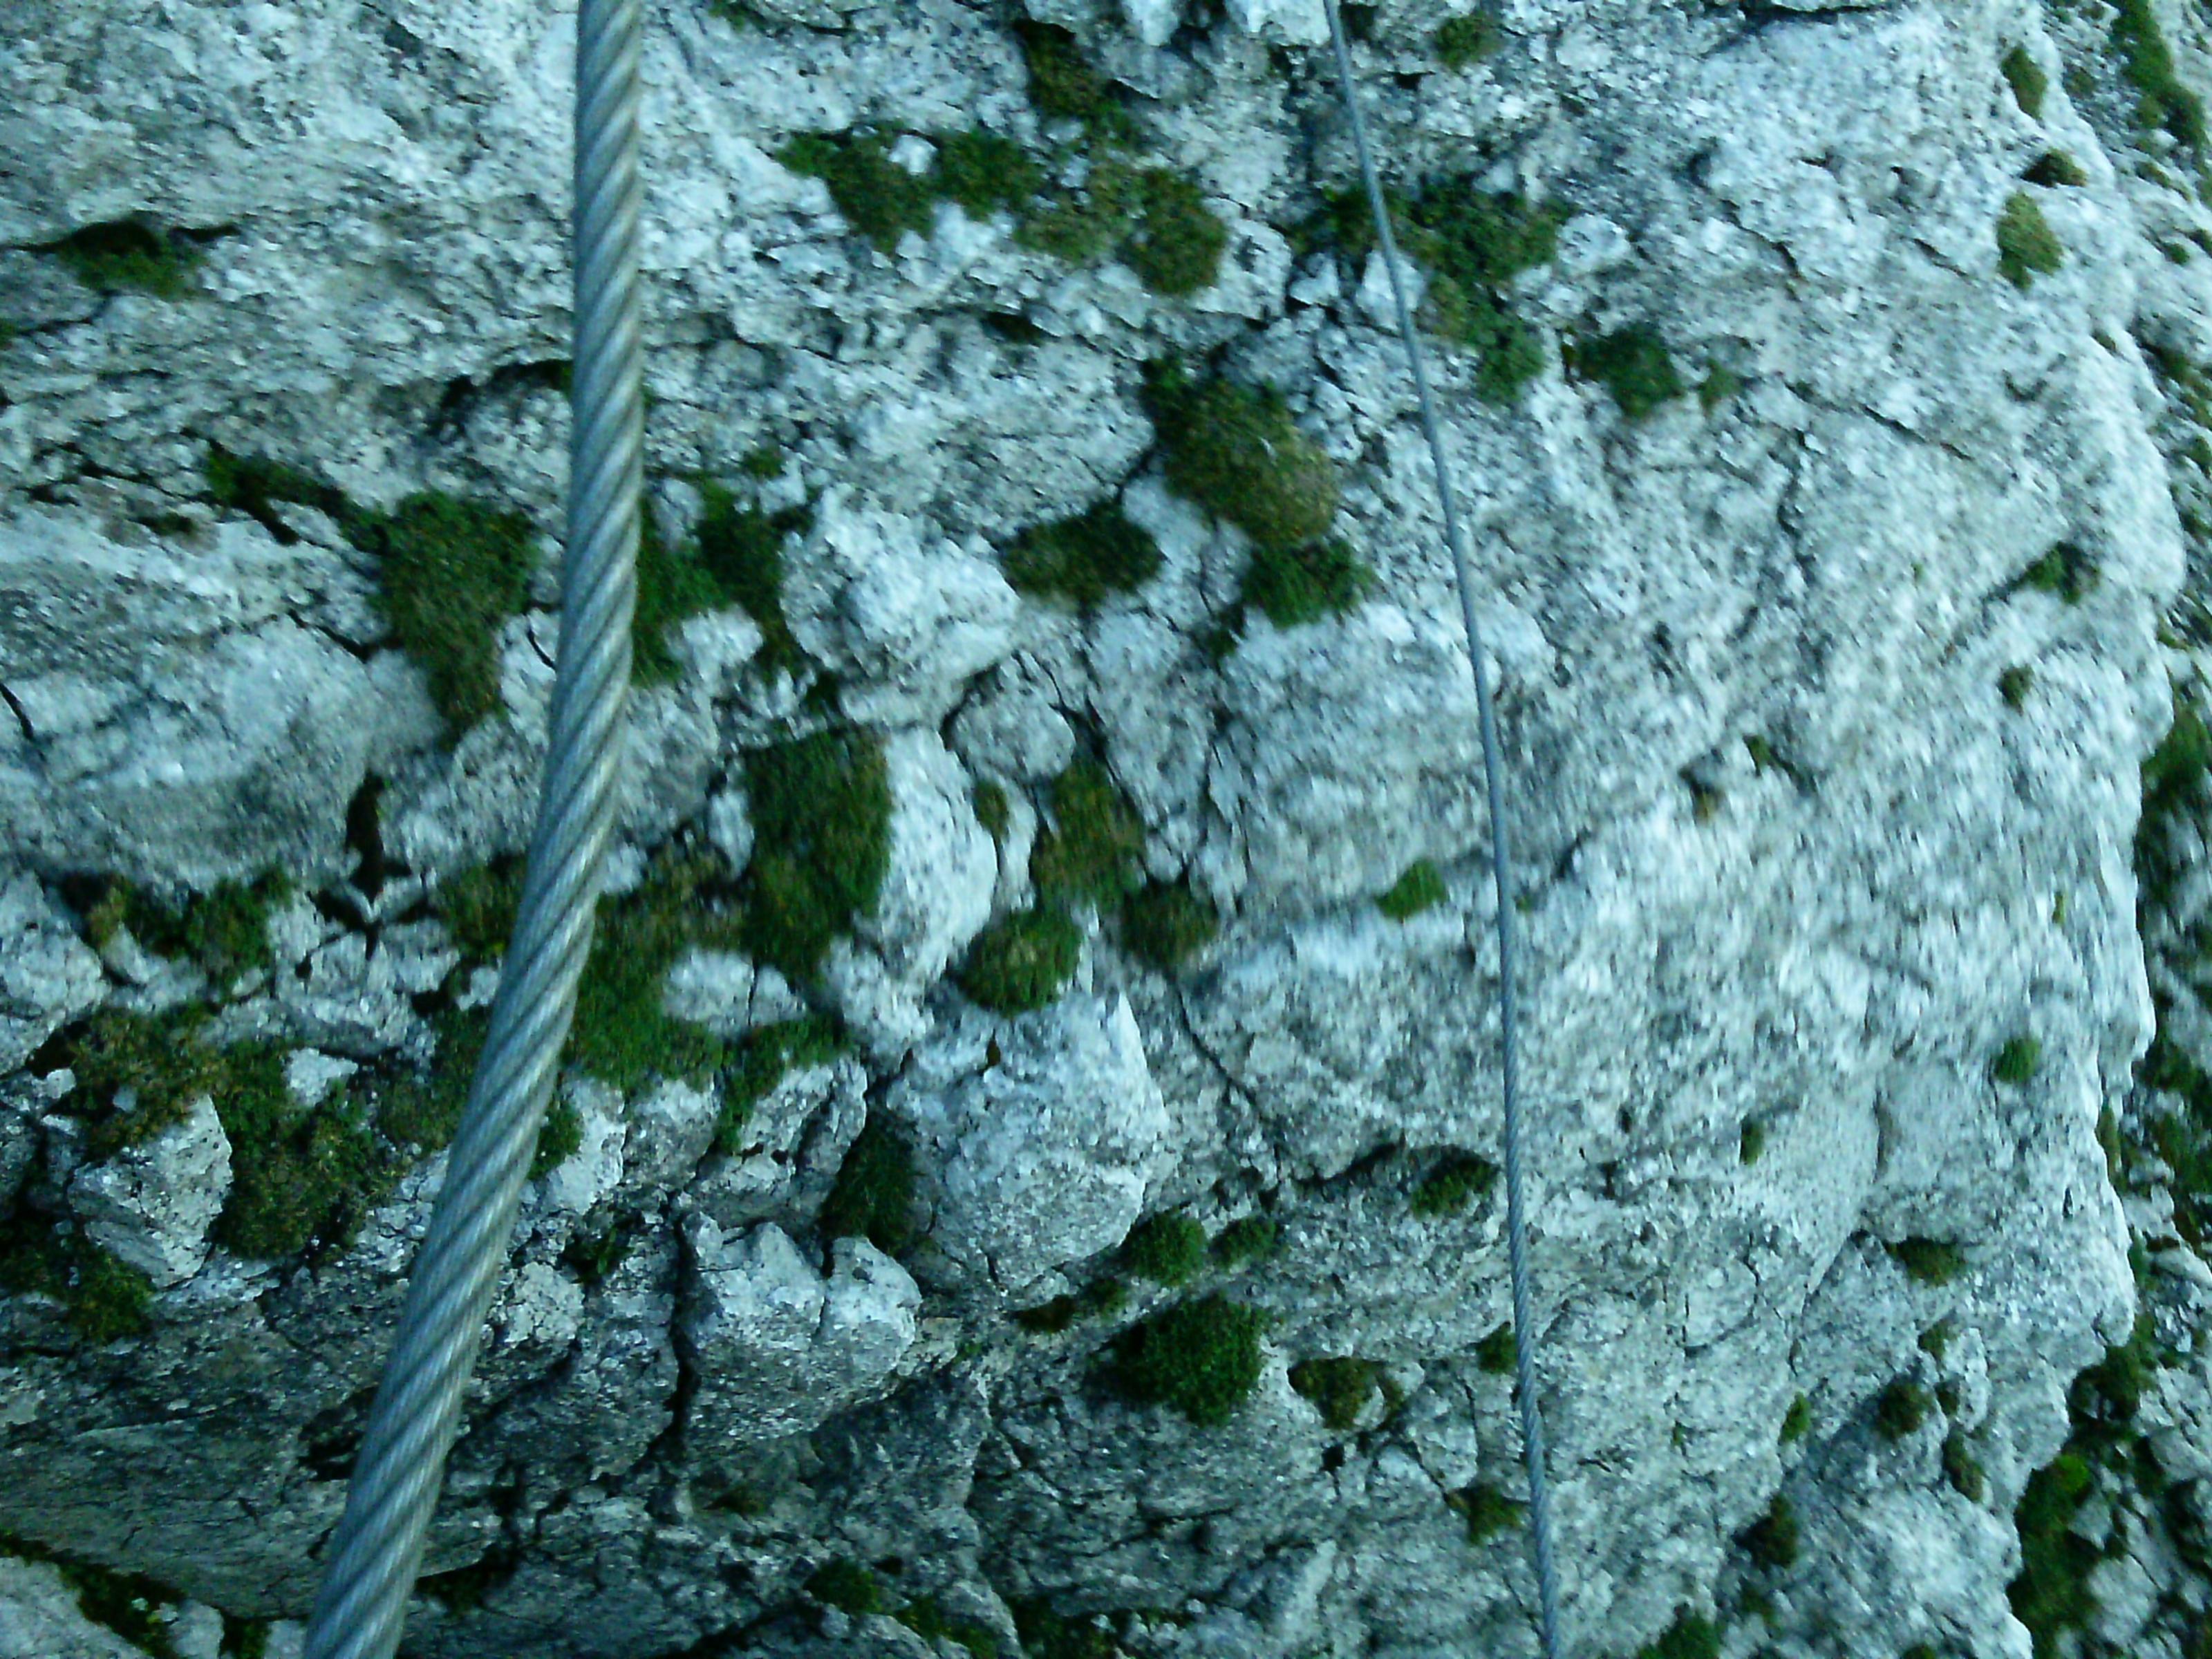 hochkar-heli-kraft-klettersteig-24-.jpg